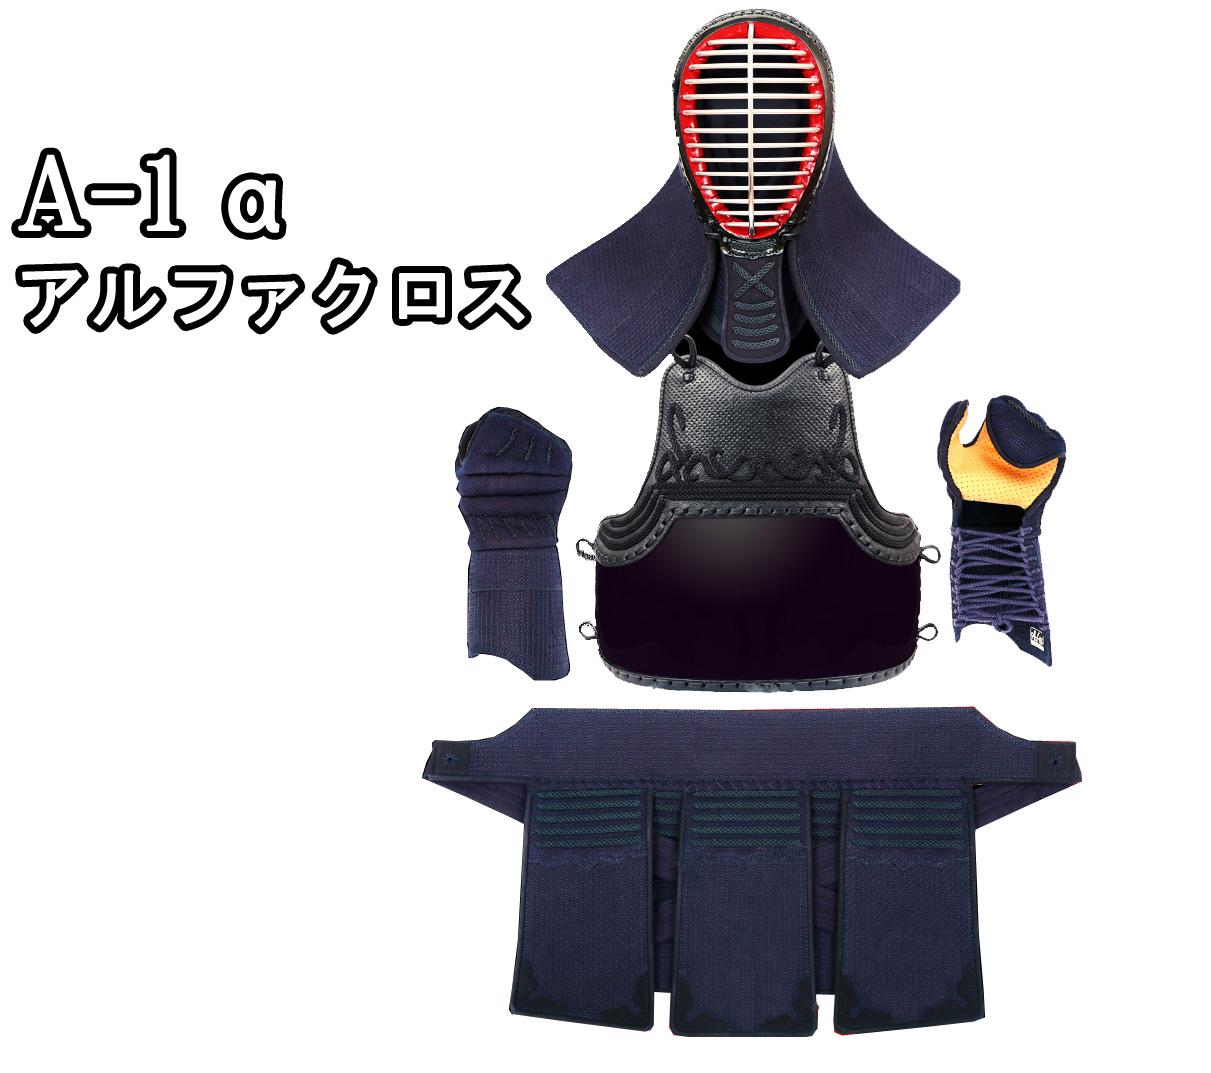 6mmクロスピッチ織刺 剣道防具 A-1α CROSS アルファクロス 防具セット